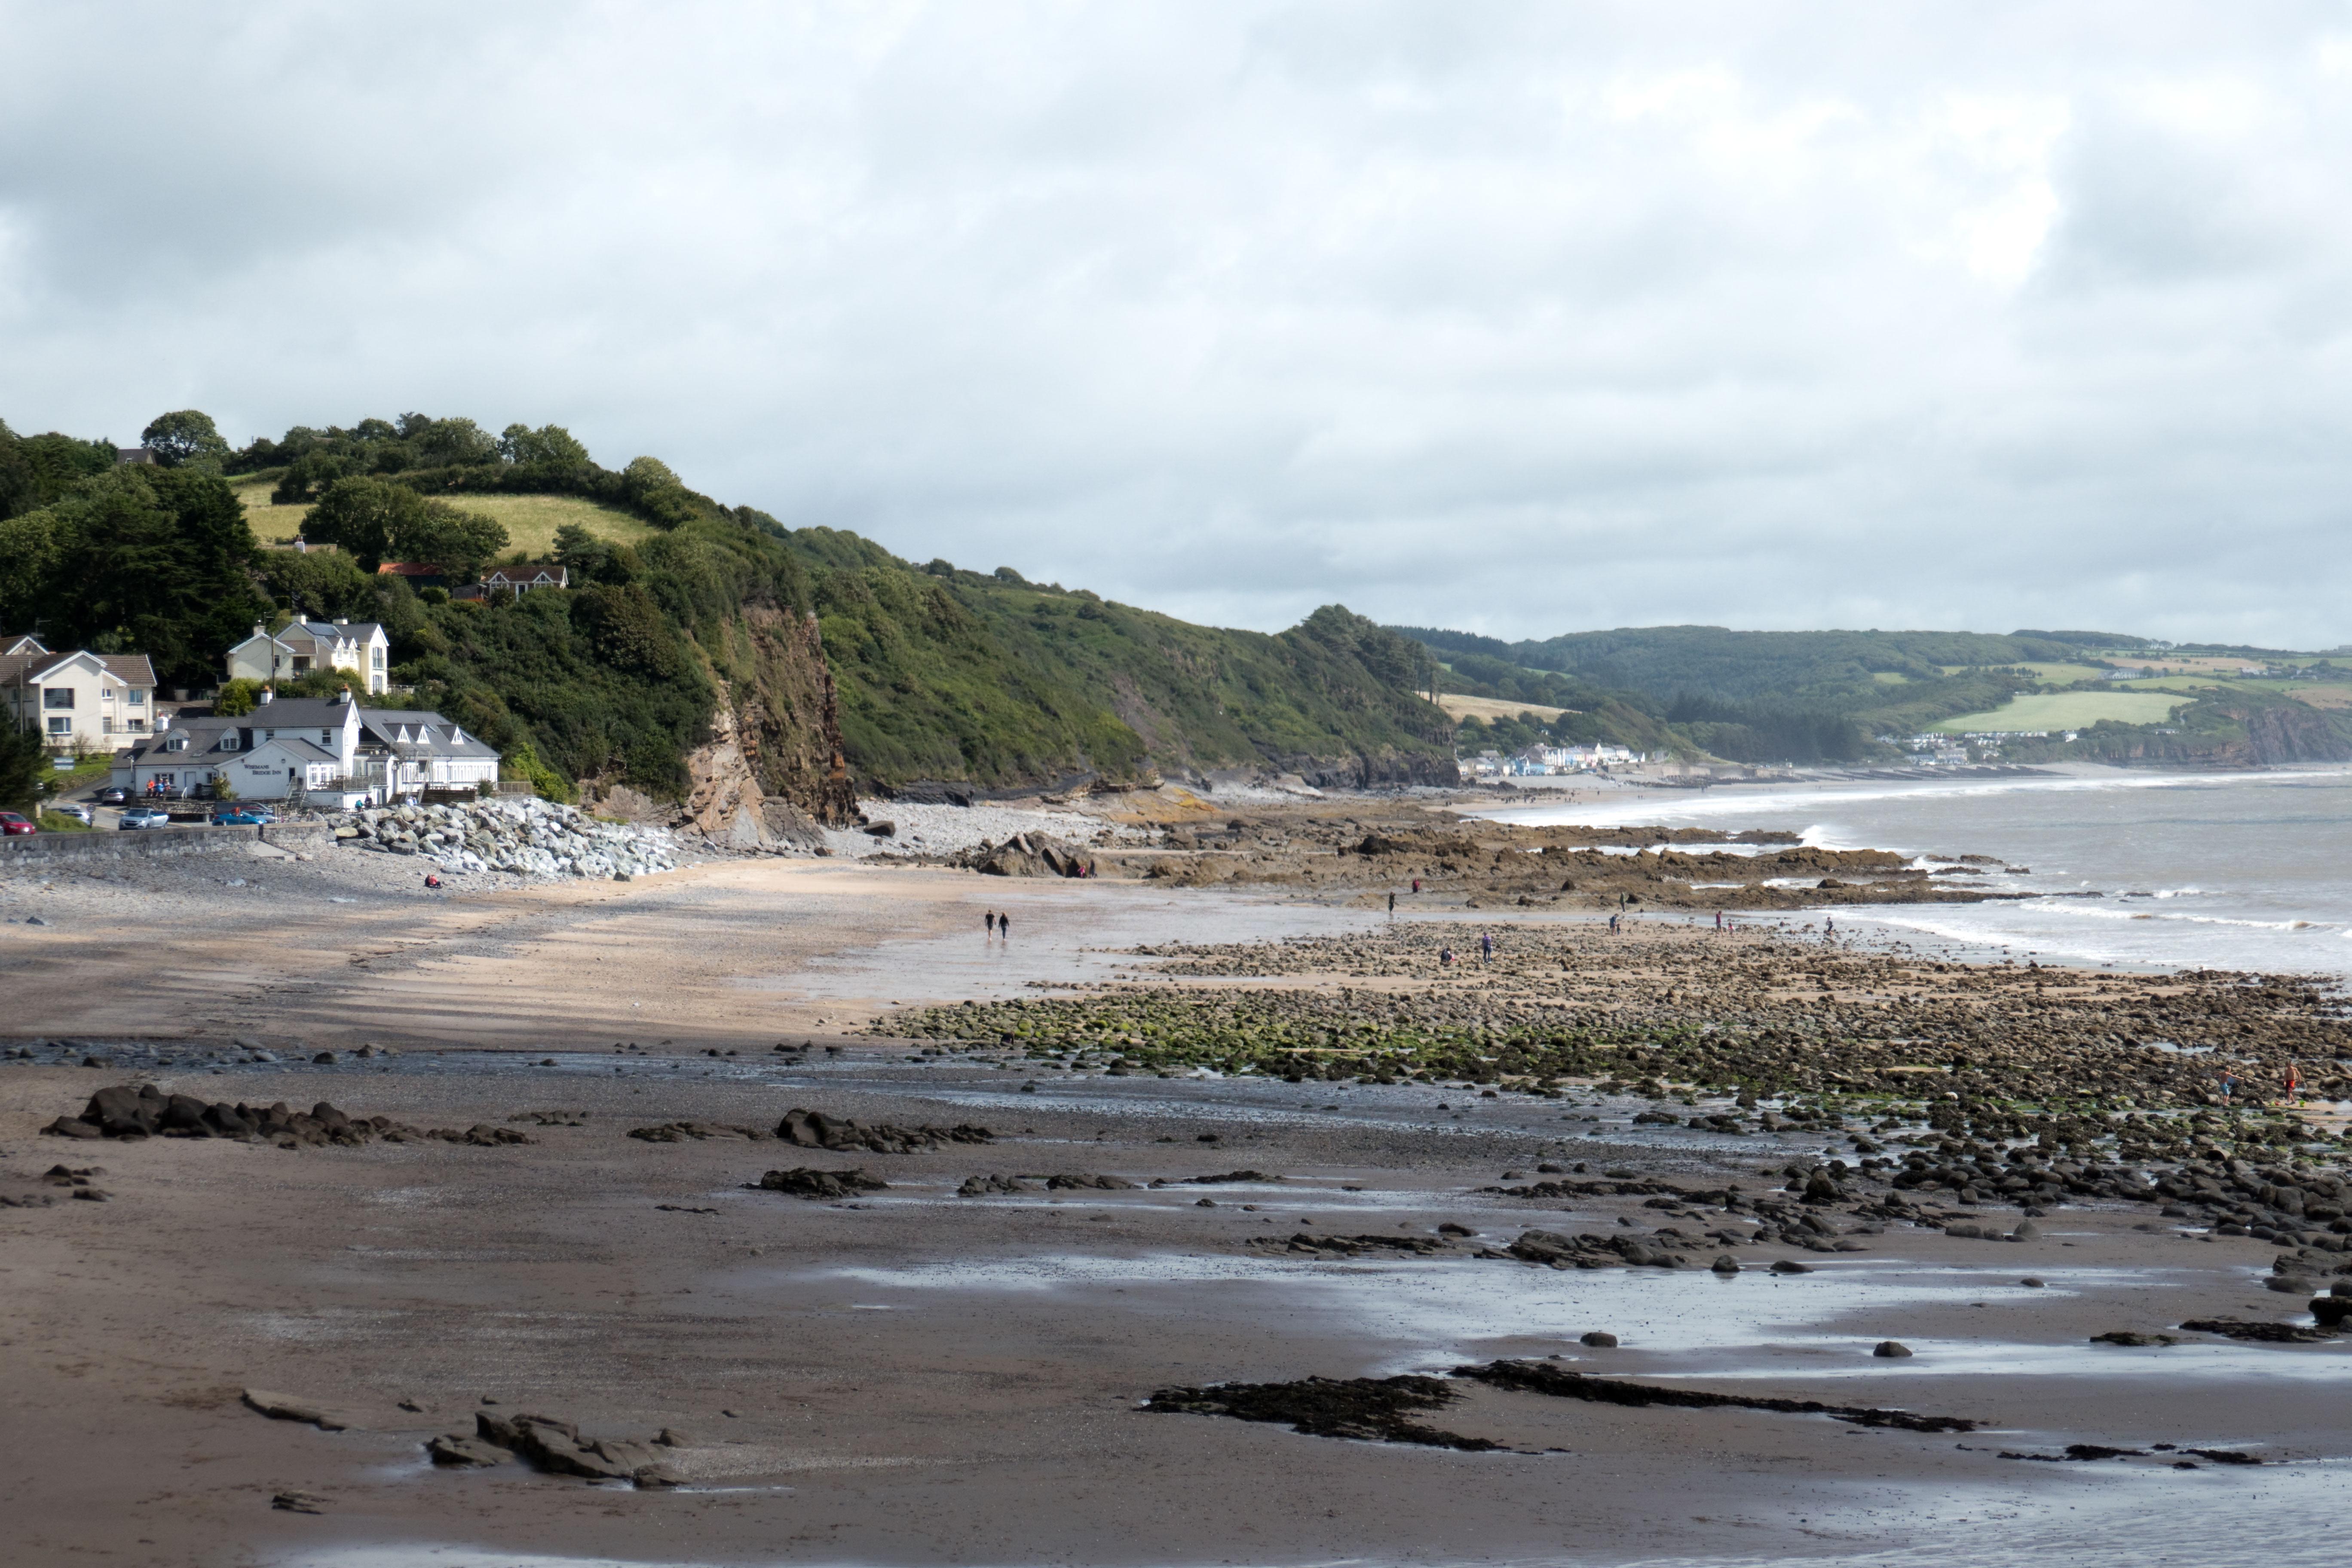 Steilküste bei dem kleinen Ort Amroth, 2 Tagesetappen vor Fishguard